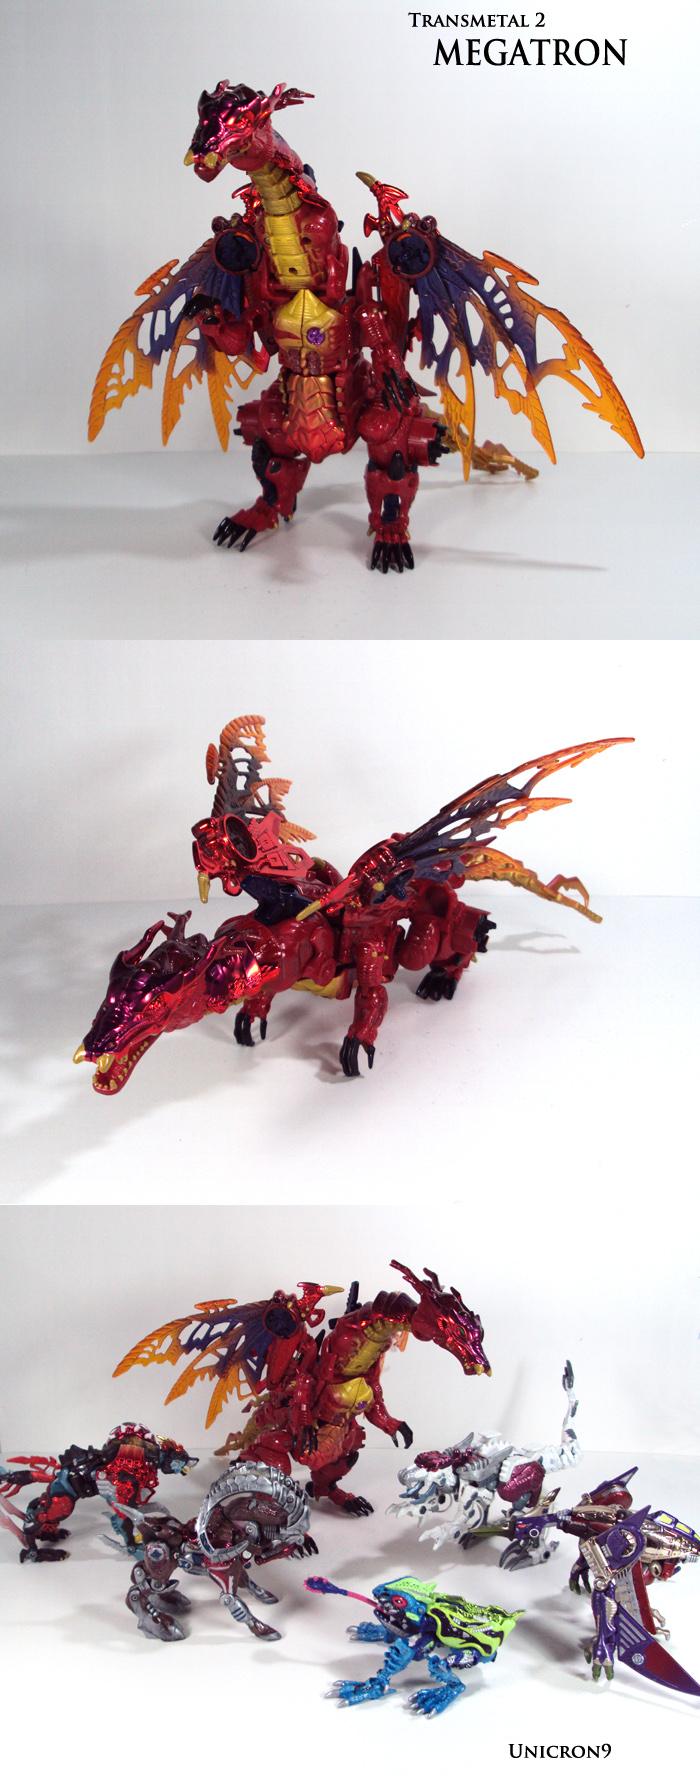 Transmetal 2 Megatron by Unicron9